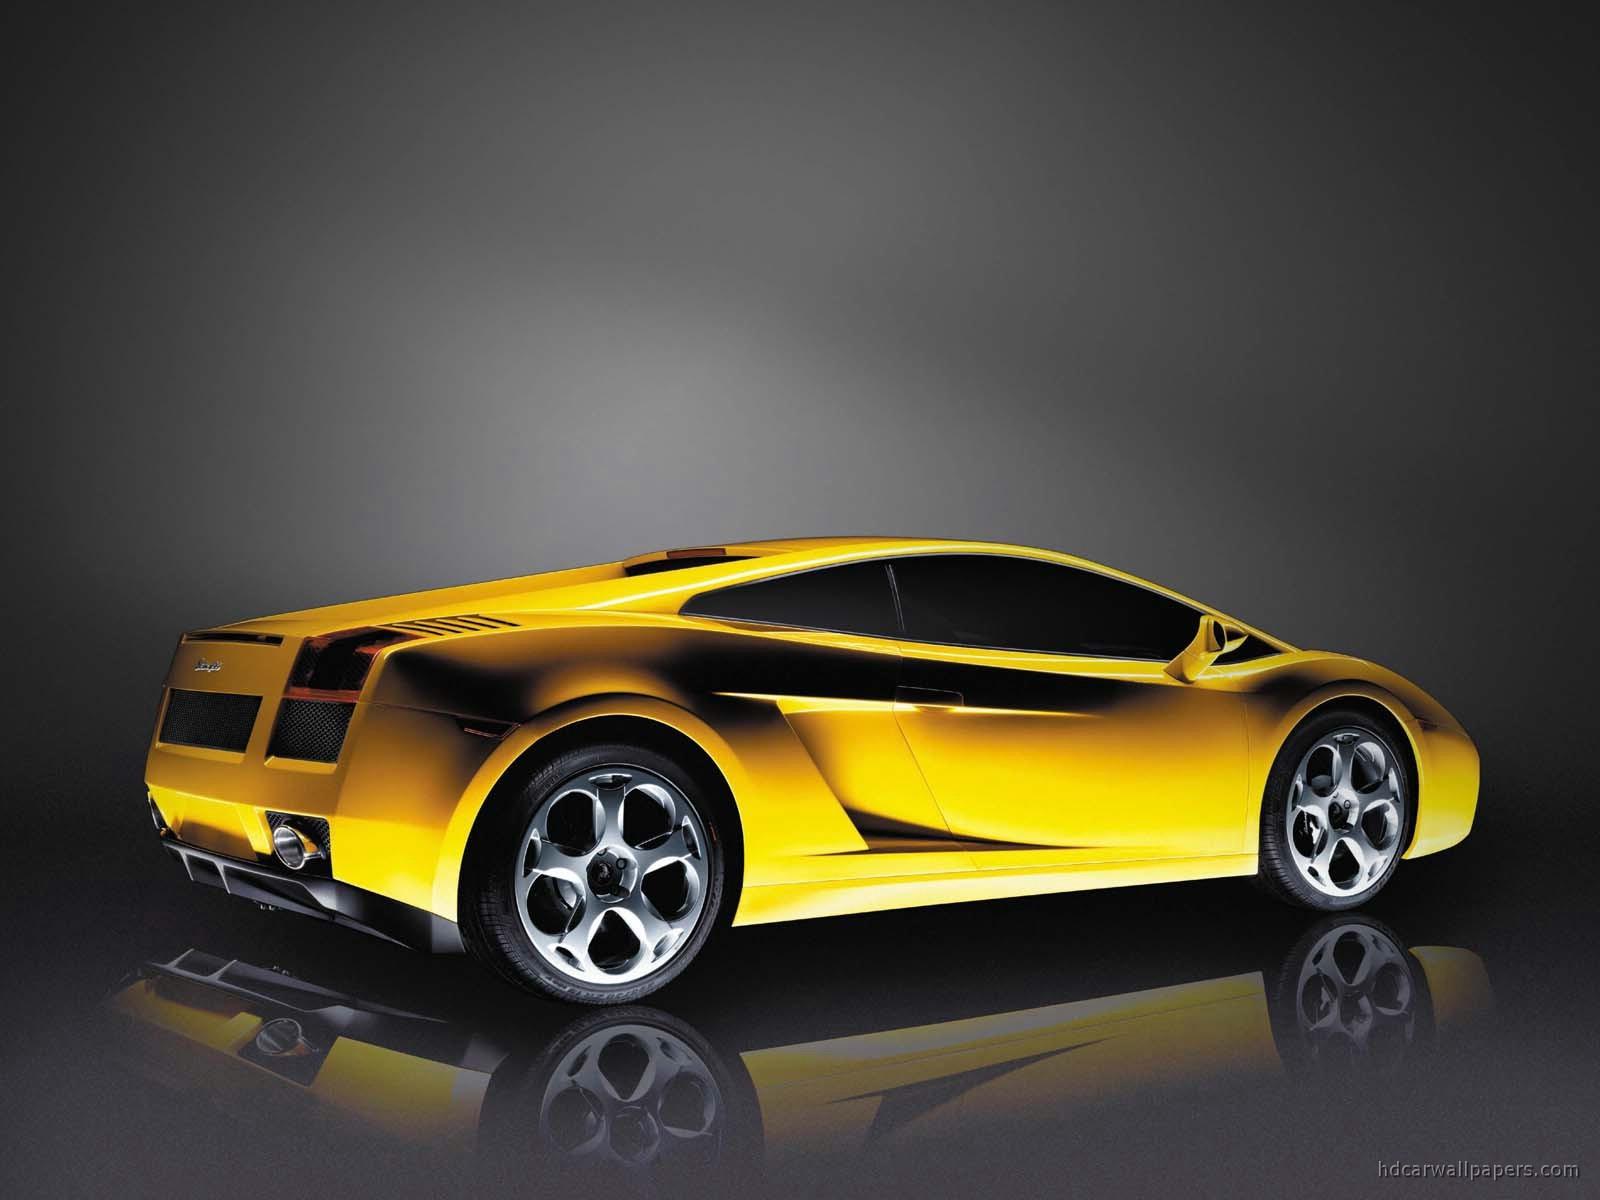 Lamborghini Gallardo 4 Wallpaper | HD Car Wallpapers | ID #844